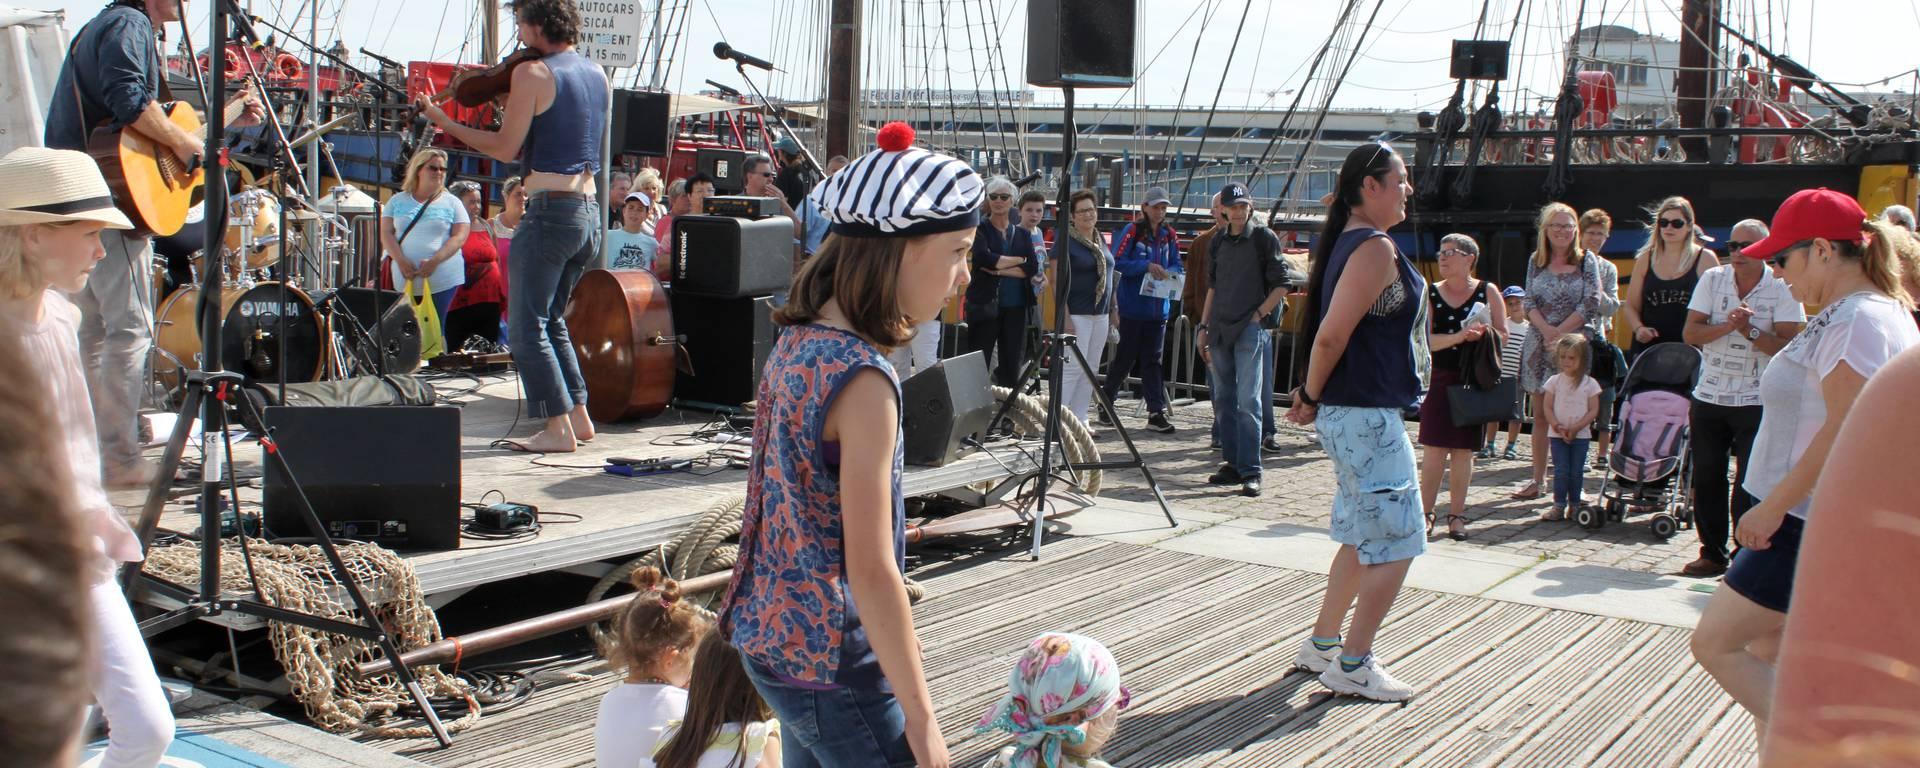 La Côte d'Opale fête la Mer à Boulogne-sur-Mer